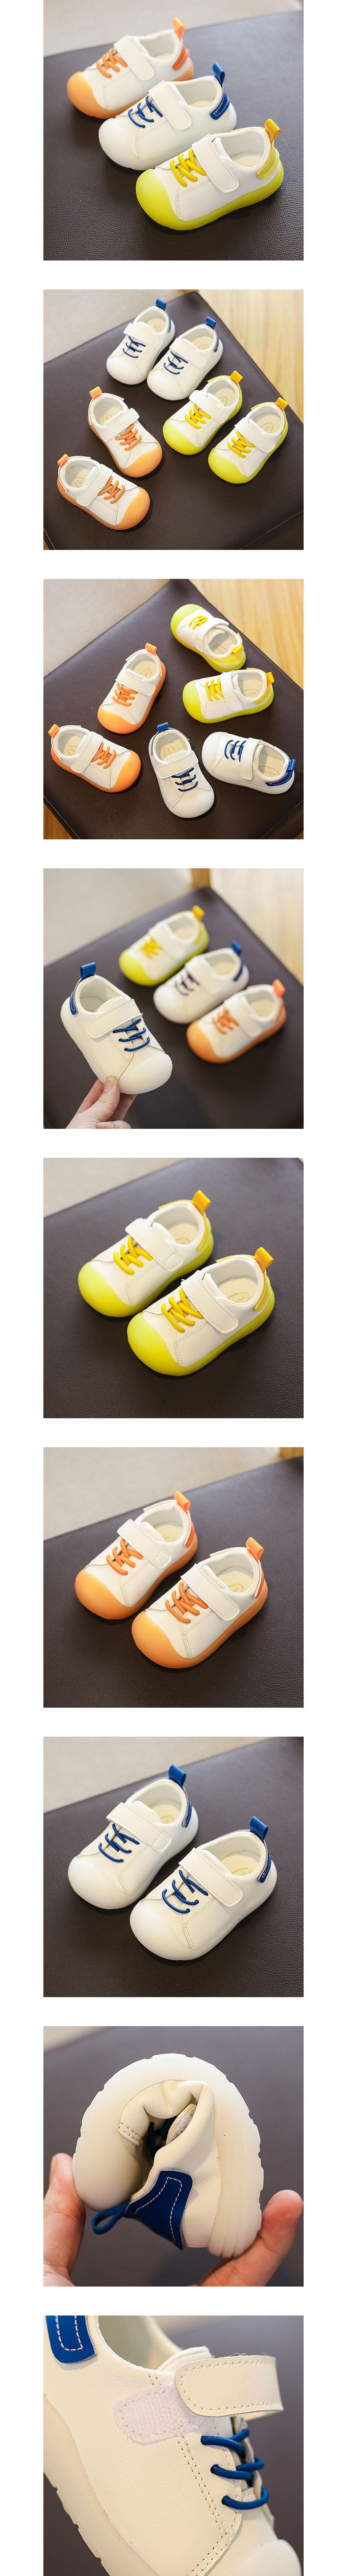 童鞋.護頭軟底休閒皮革小白鞋.童裝